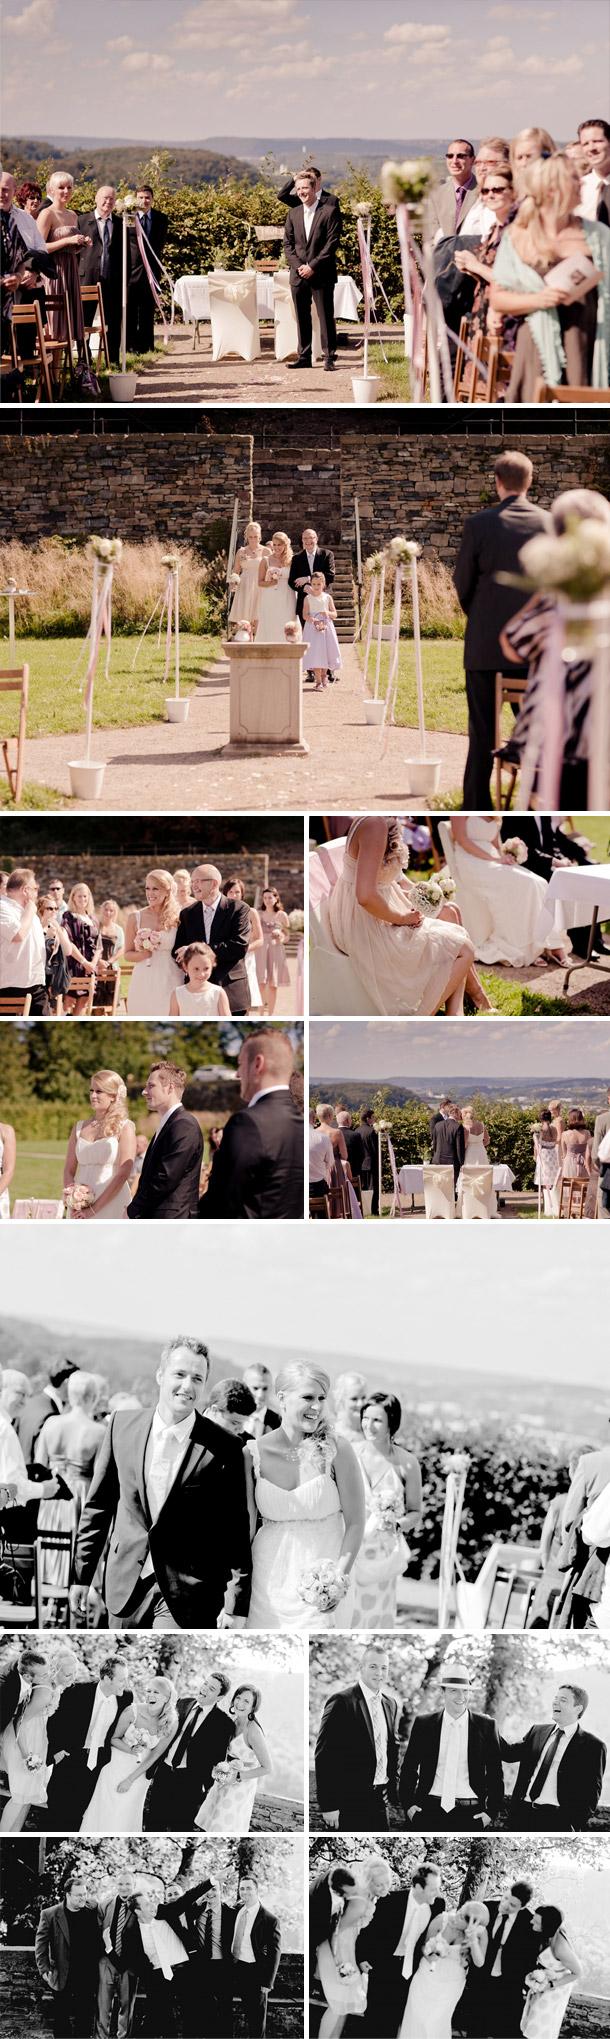 DIY Hochzeit Im New York Stil Bei Lene Photography Hochzeitswahn .